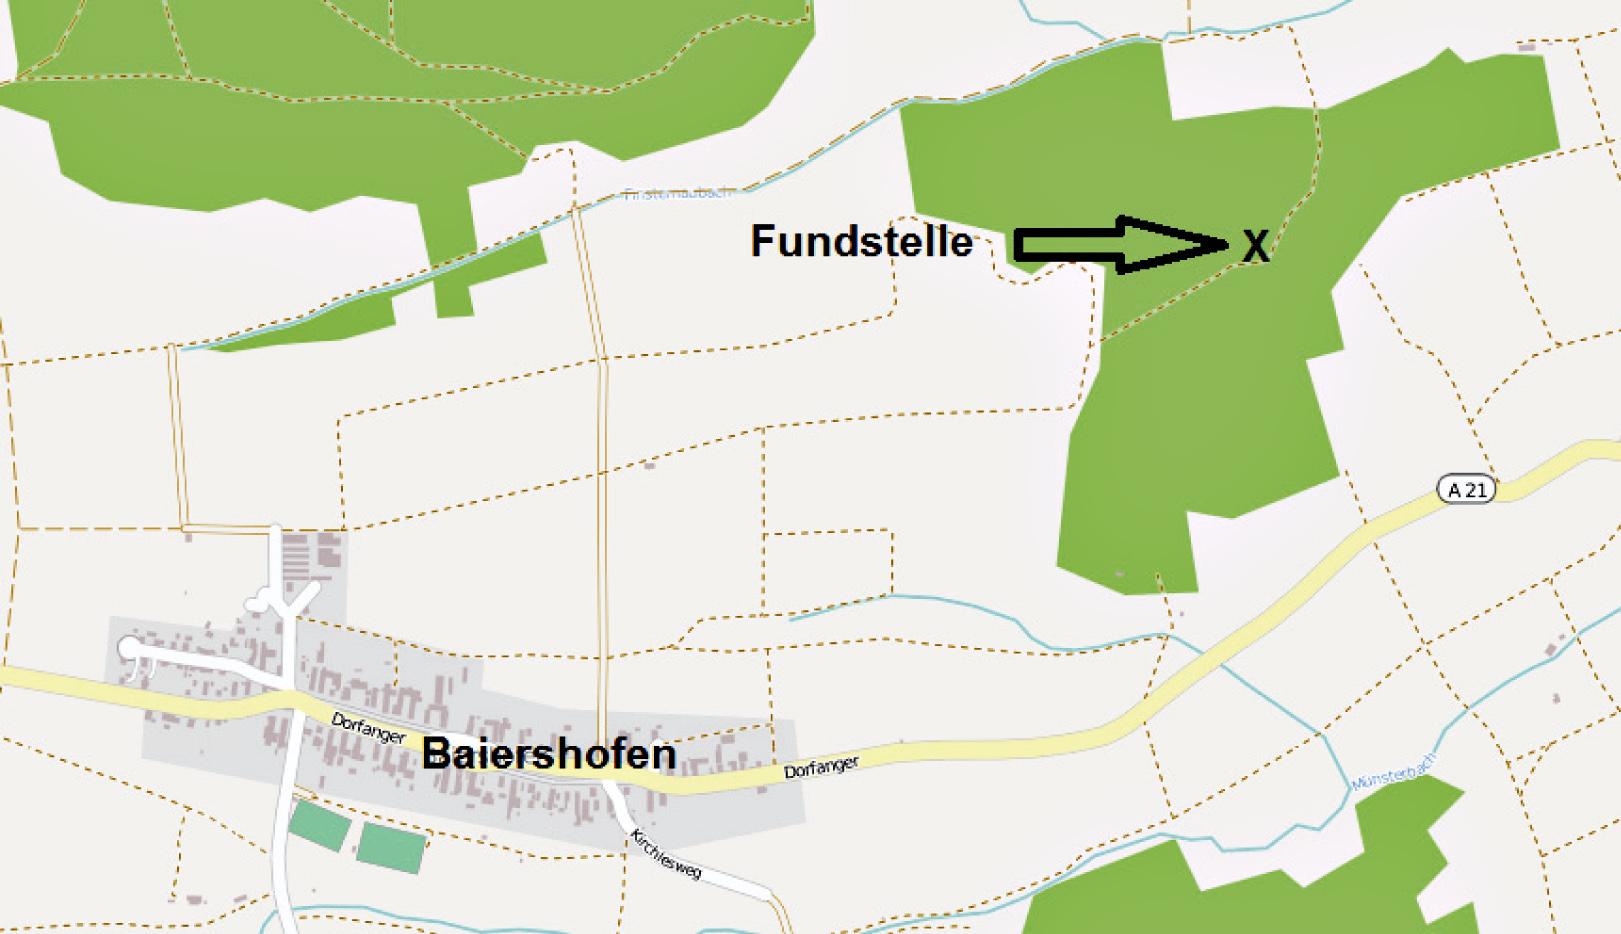 Abbildung 1. Geographische Lage der Fundstelle Baiershofen. Kartendaten: OpenStreetMap contributors.